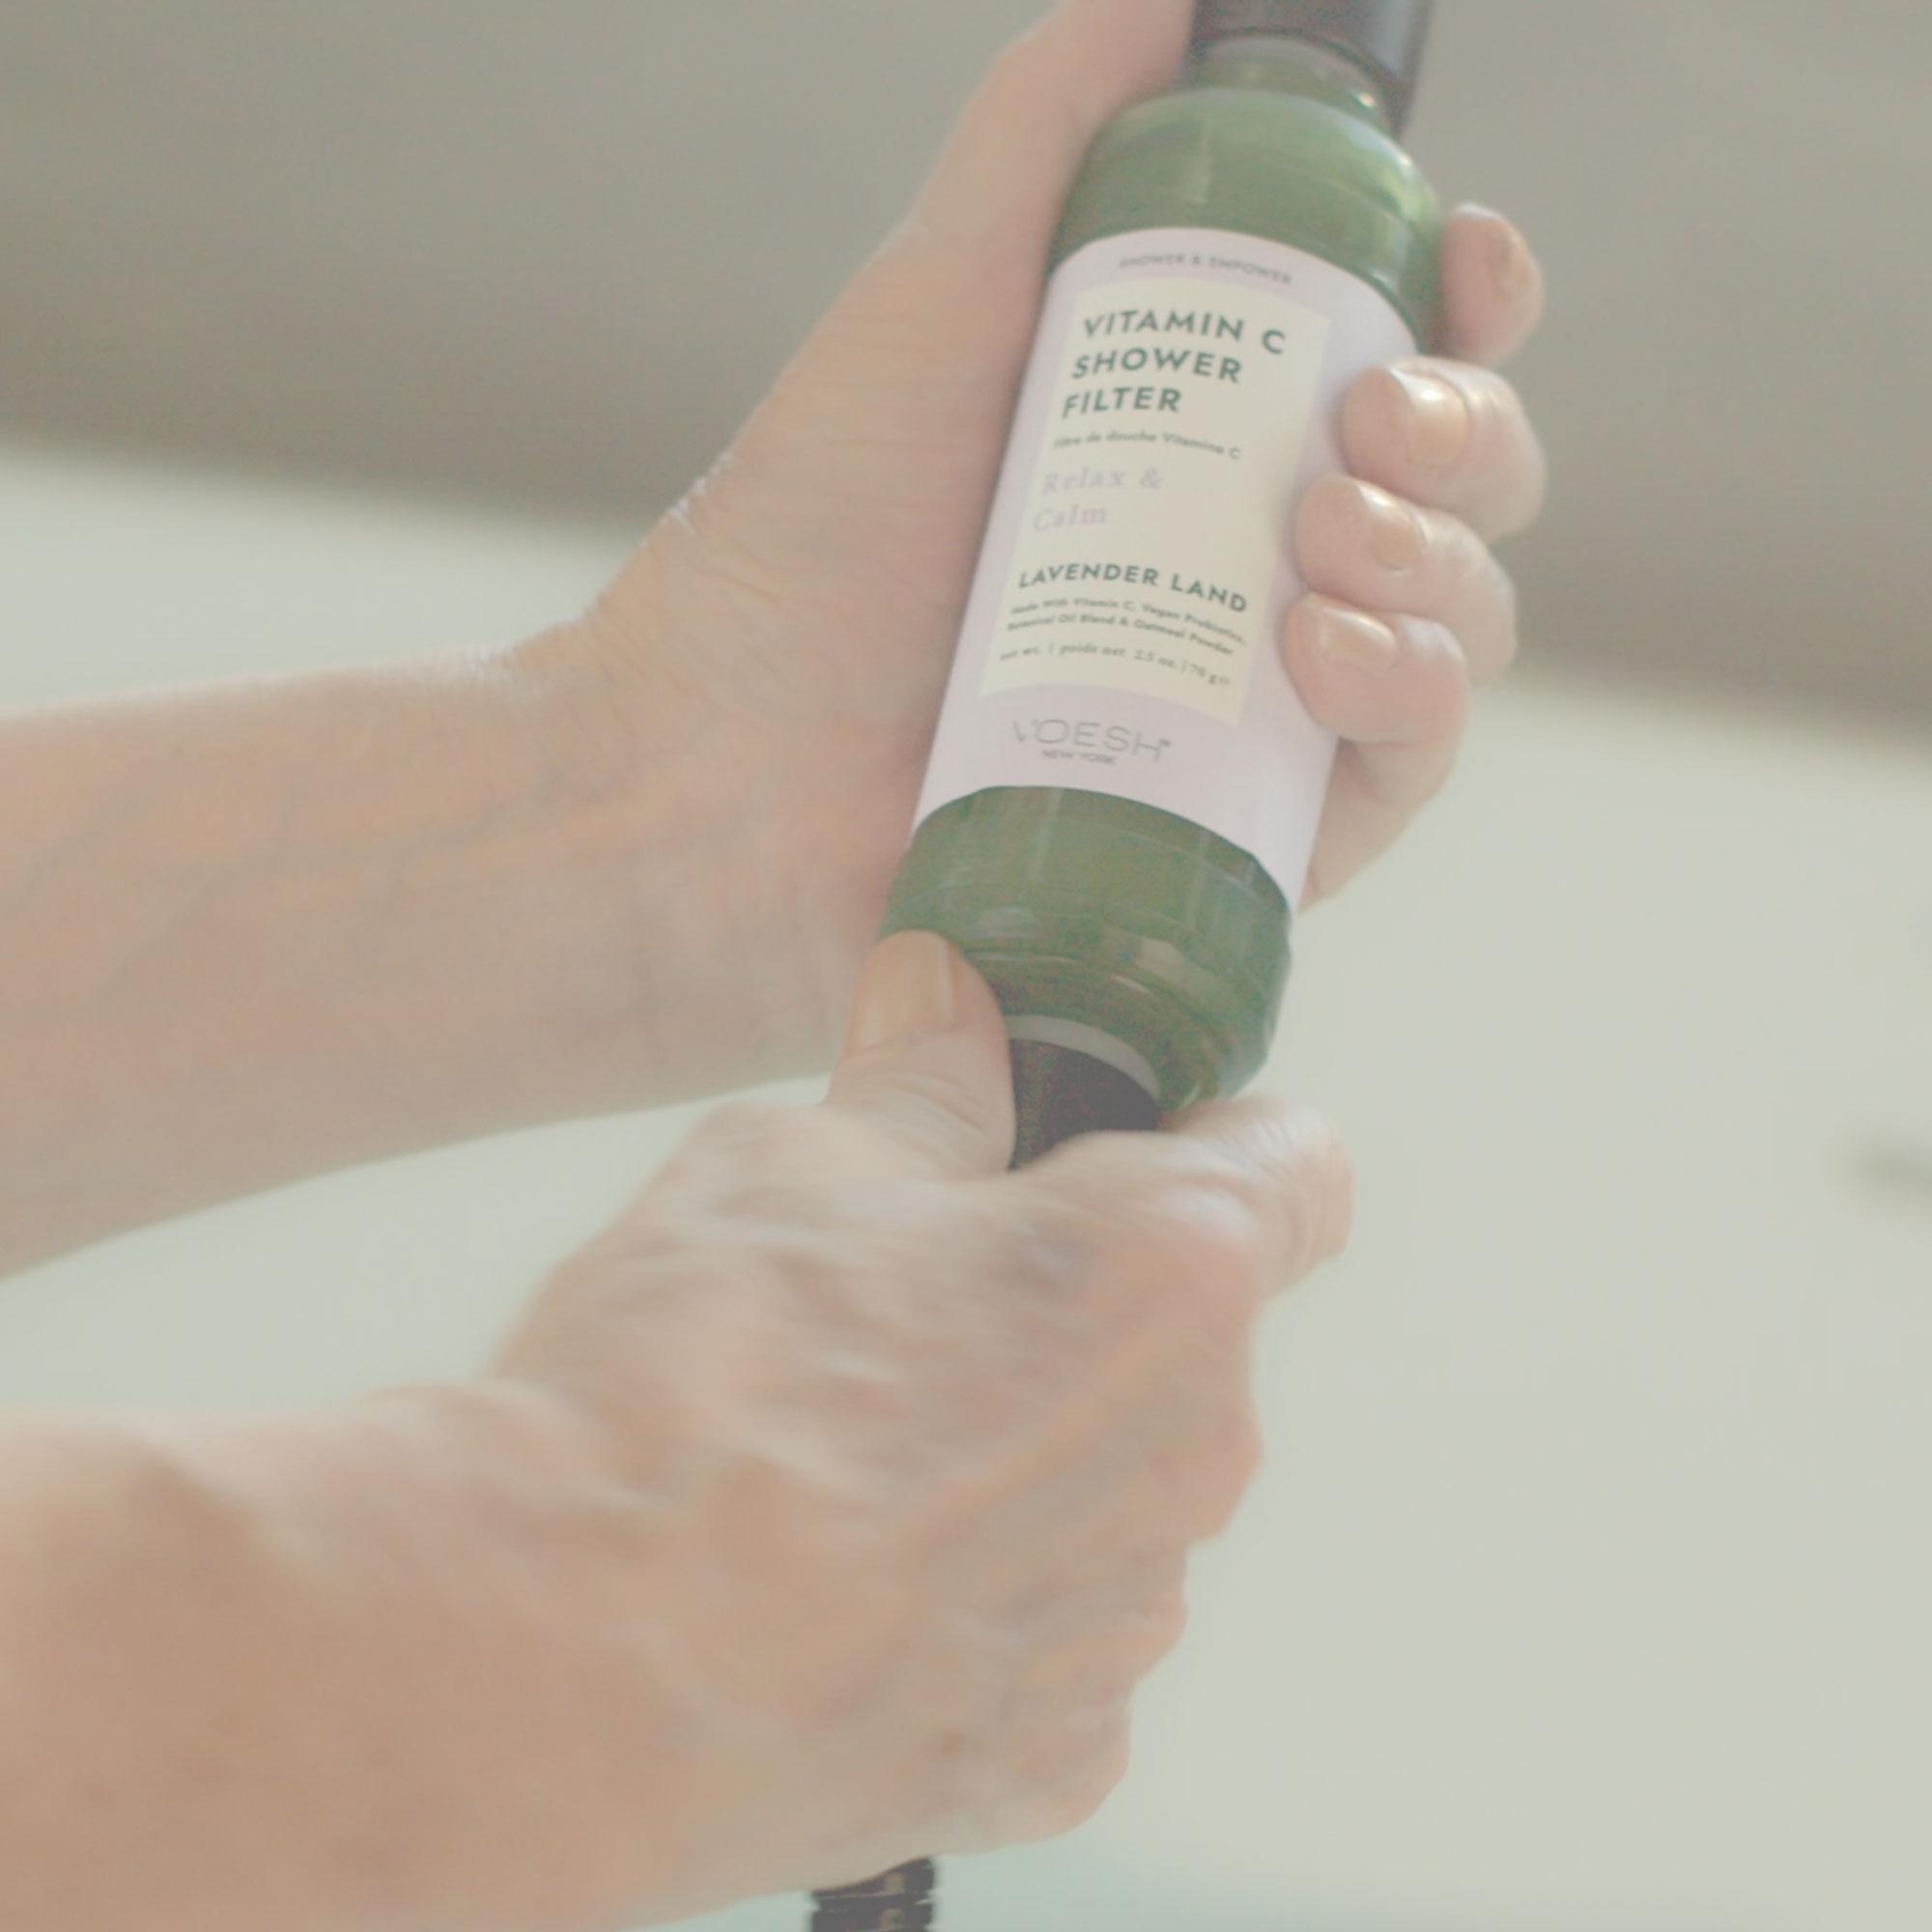 Lavender Land Vitamin C Shower Filter